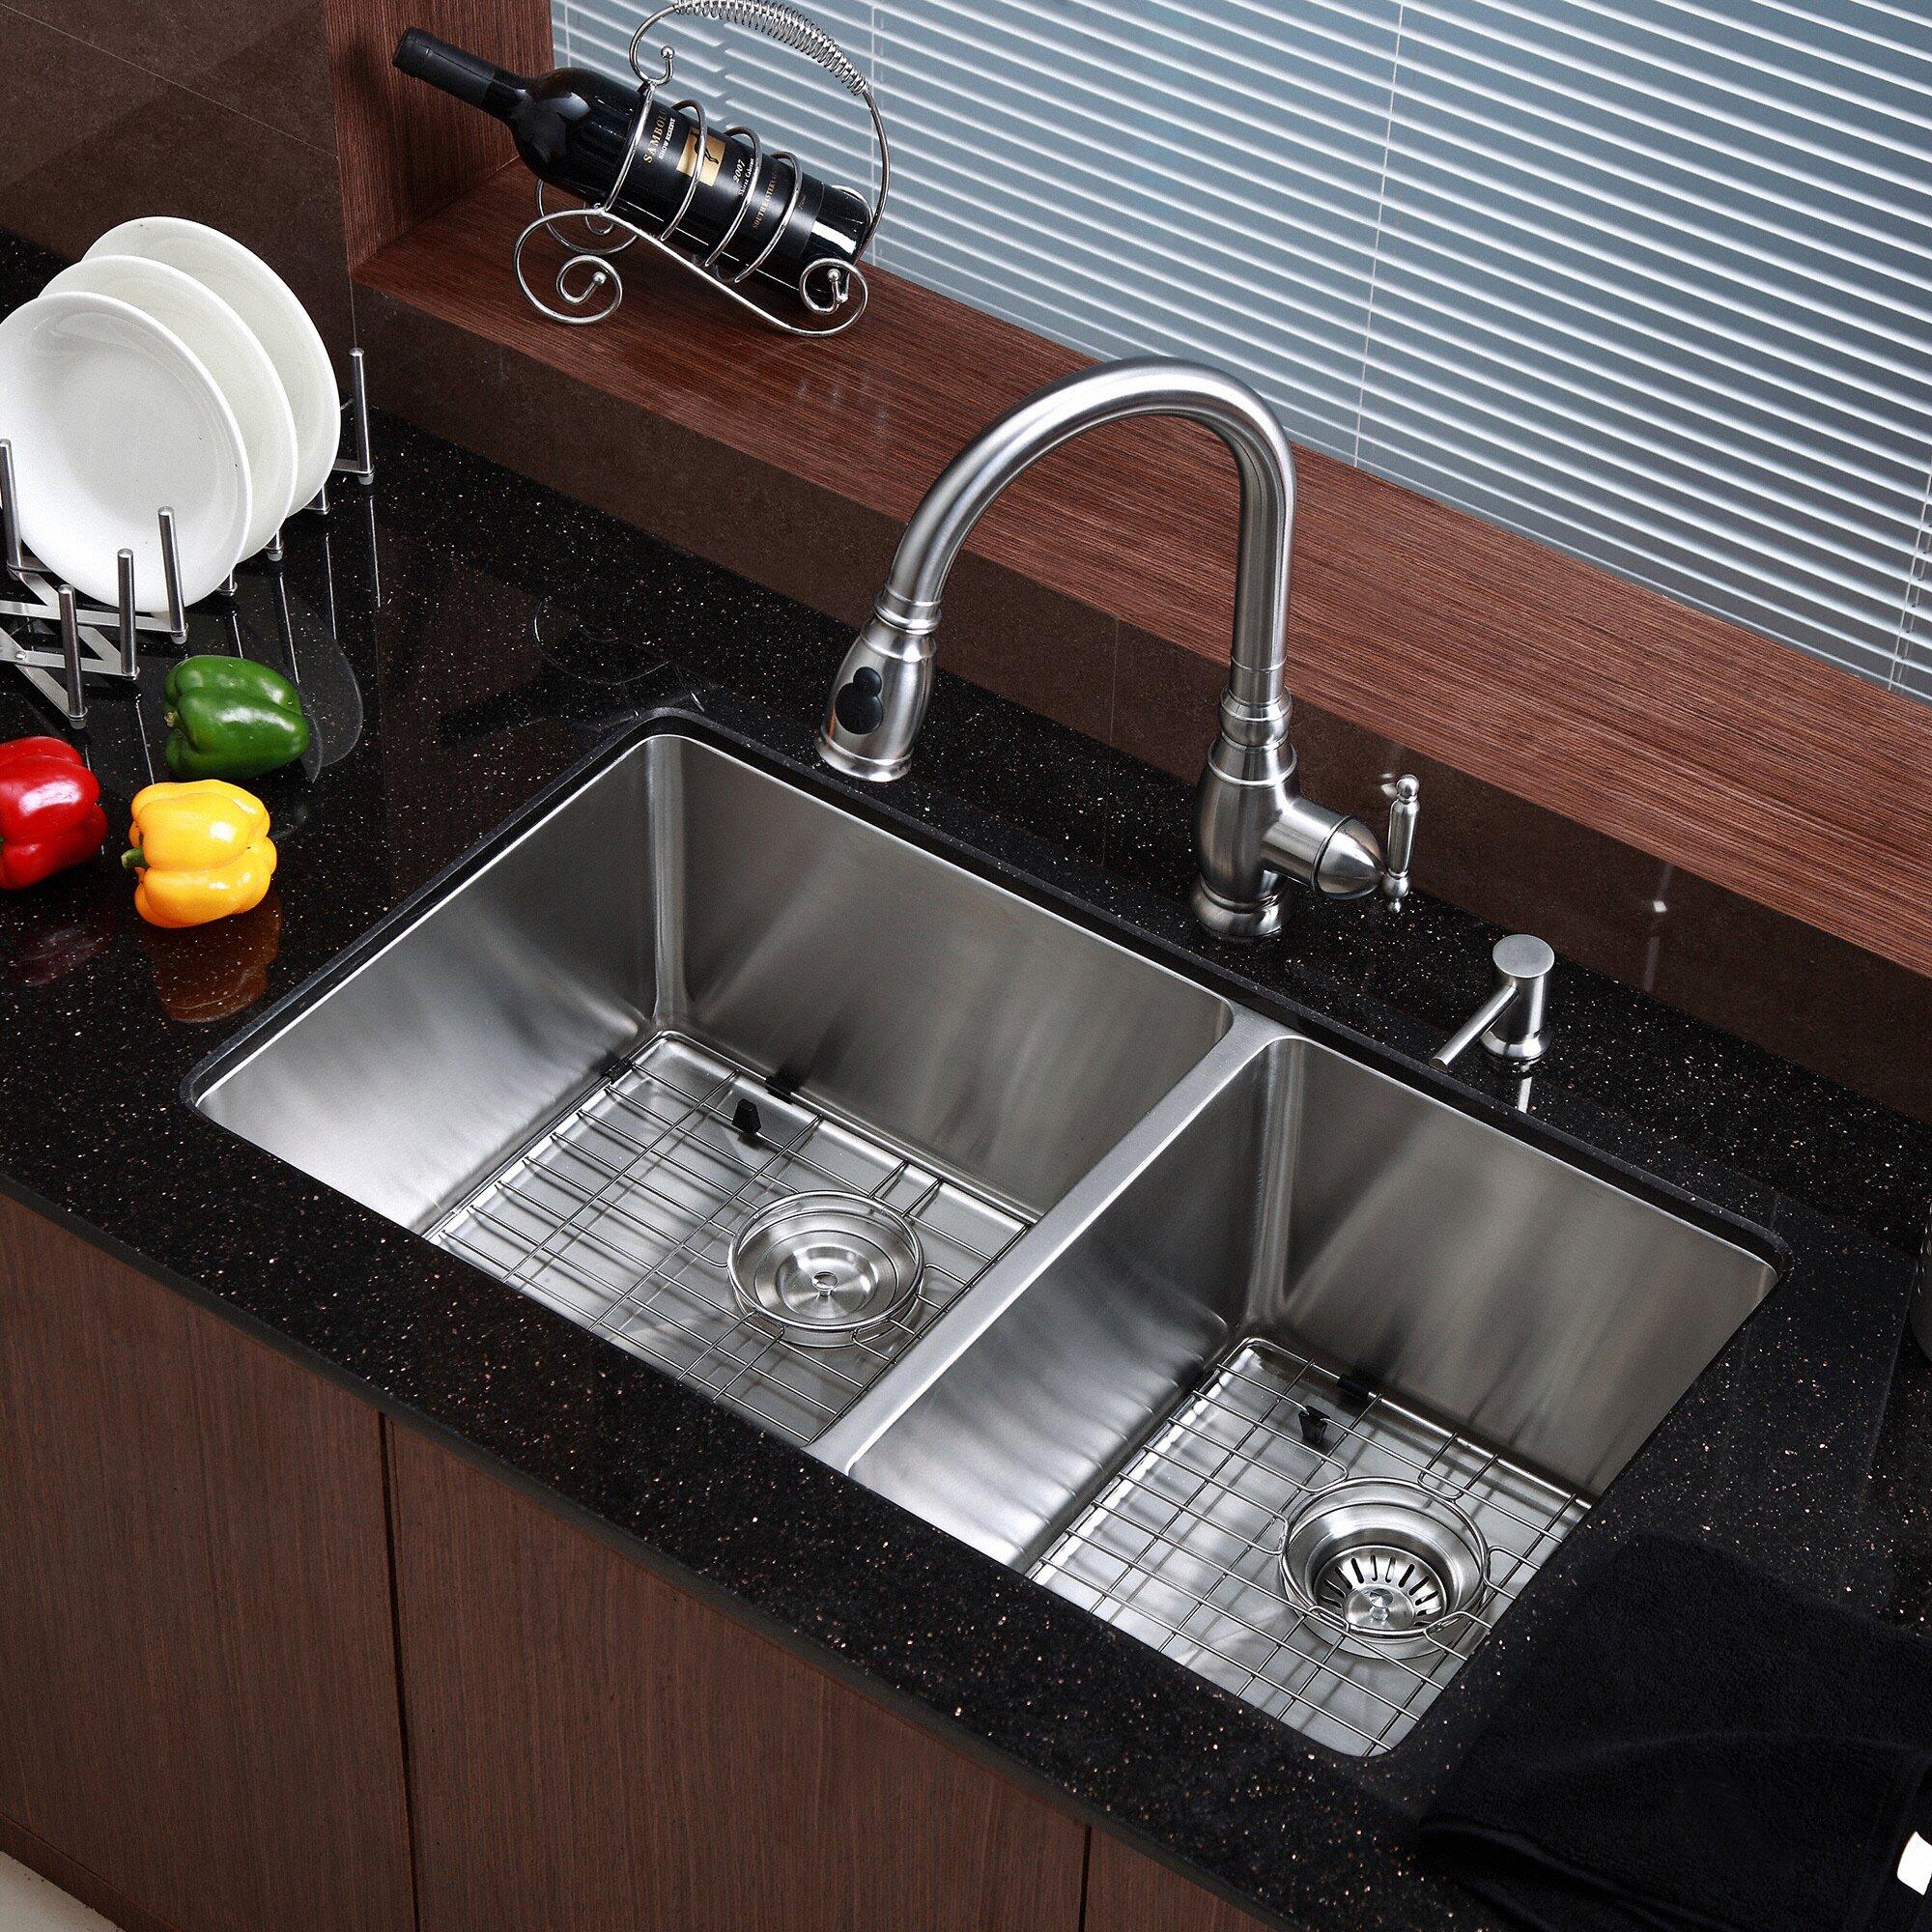 Single bowl vs double bowl kitchen sink - Kitchen Sink Single Or Double Best Ideas 2017 Kitchen Sink Single Bowl Vs